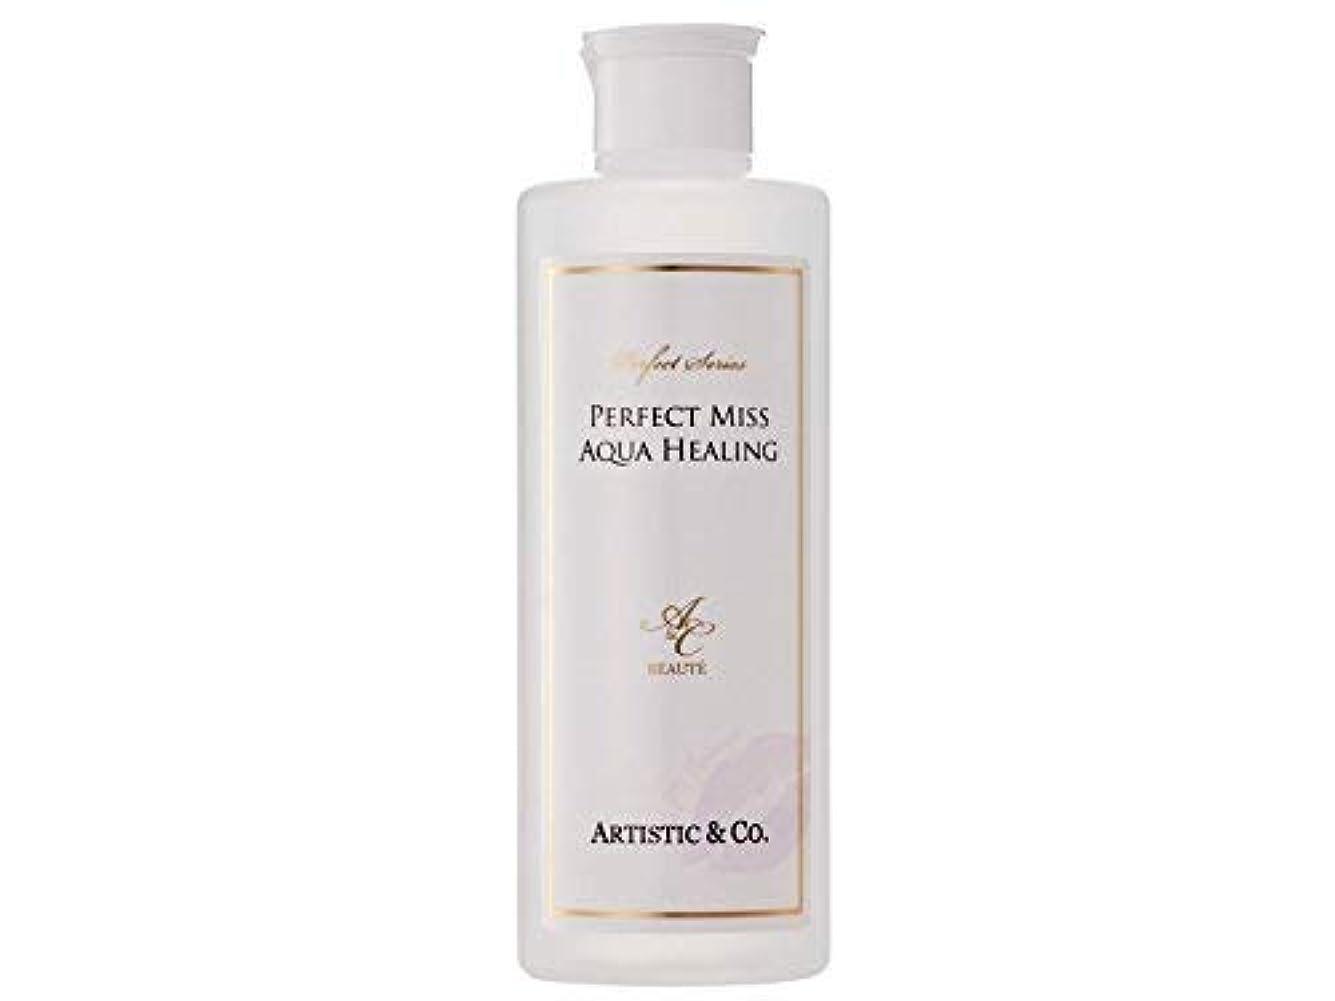 コインランドリー花婿ロッカーAQUA HEALING 300ml(アクアヒーリング)スキンローション レディス 化粧水 THE Perfect Cleansing Mist